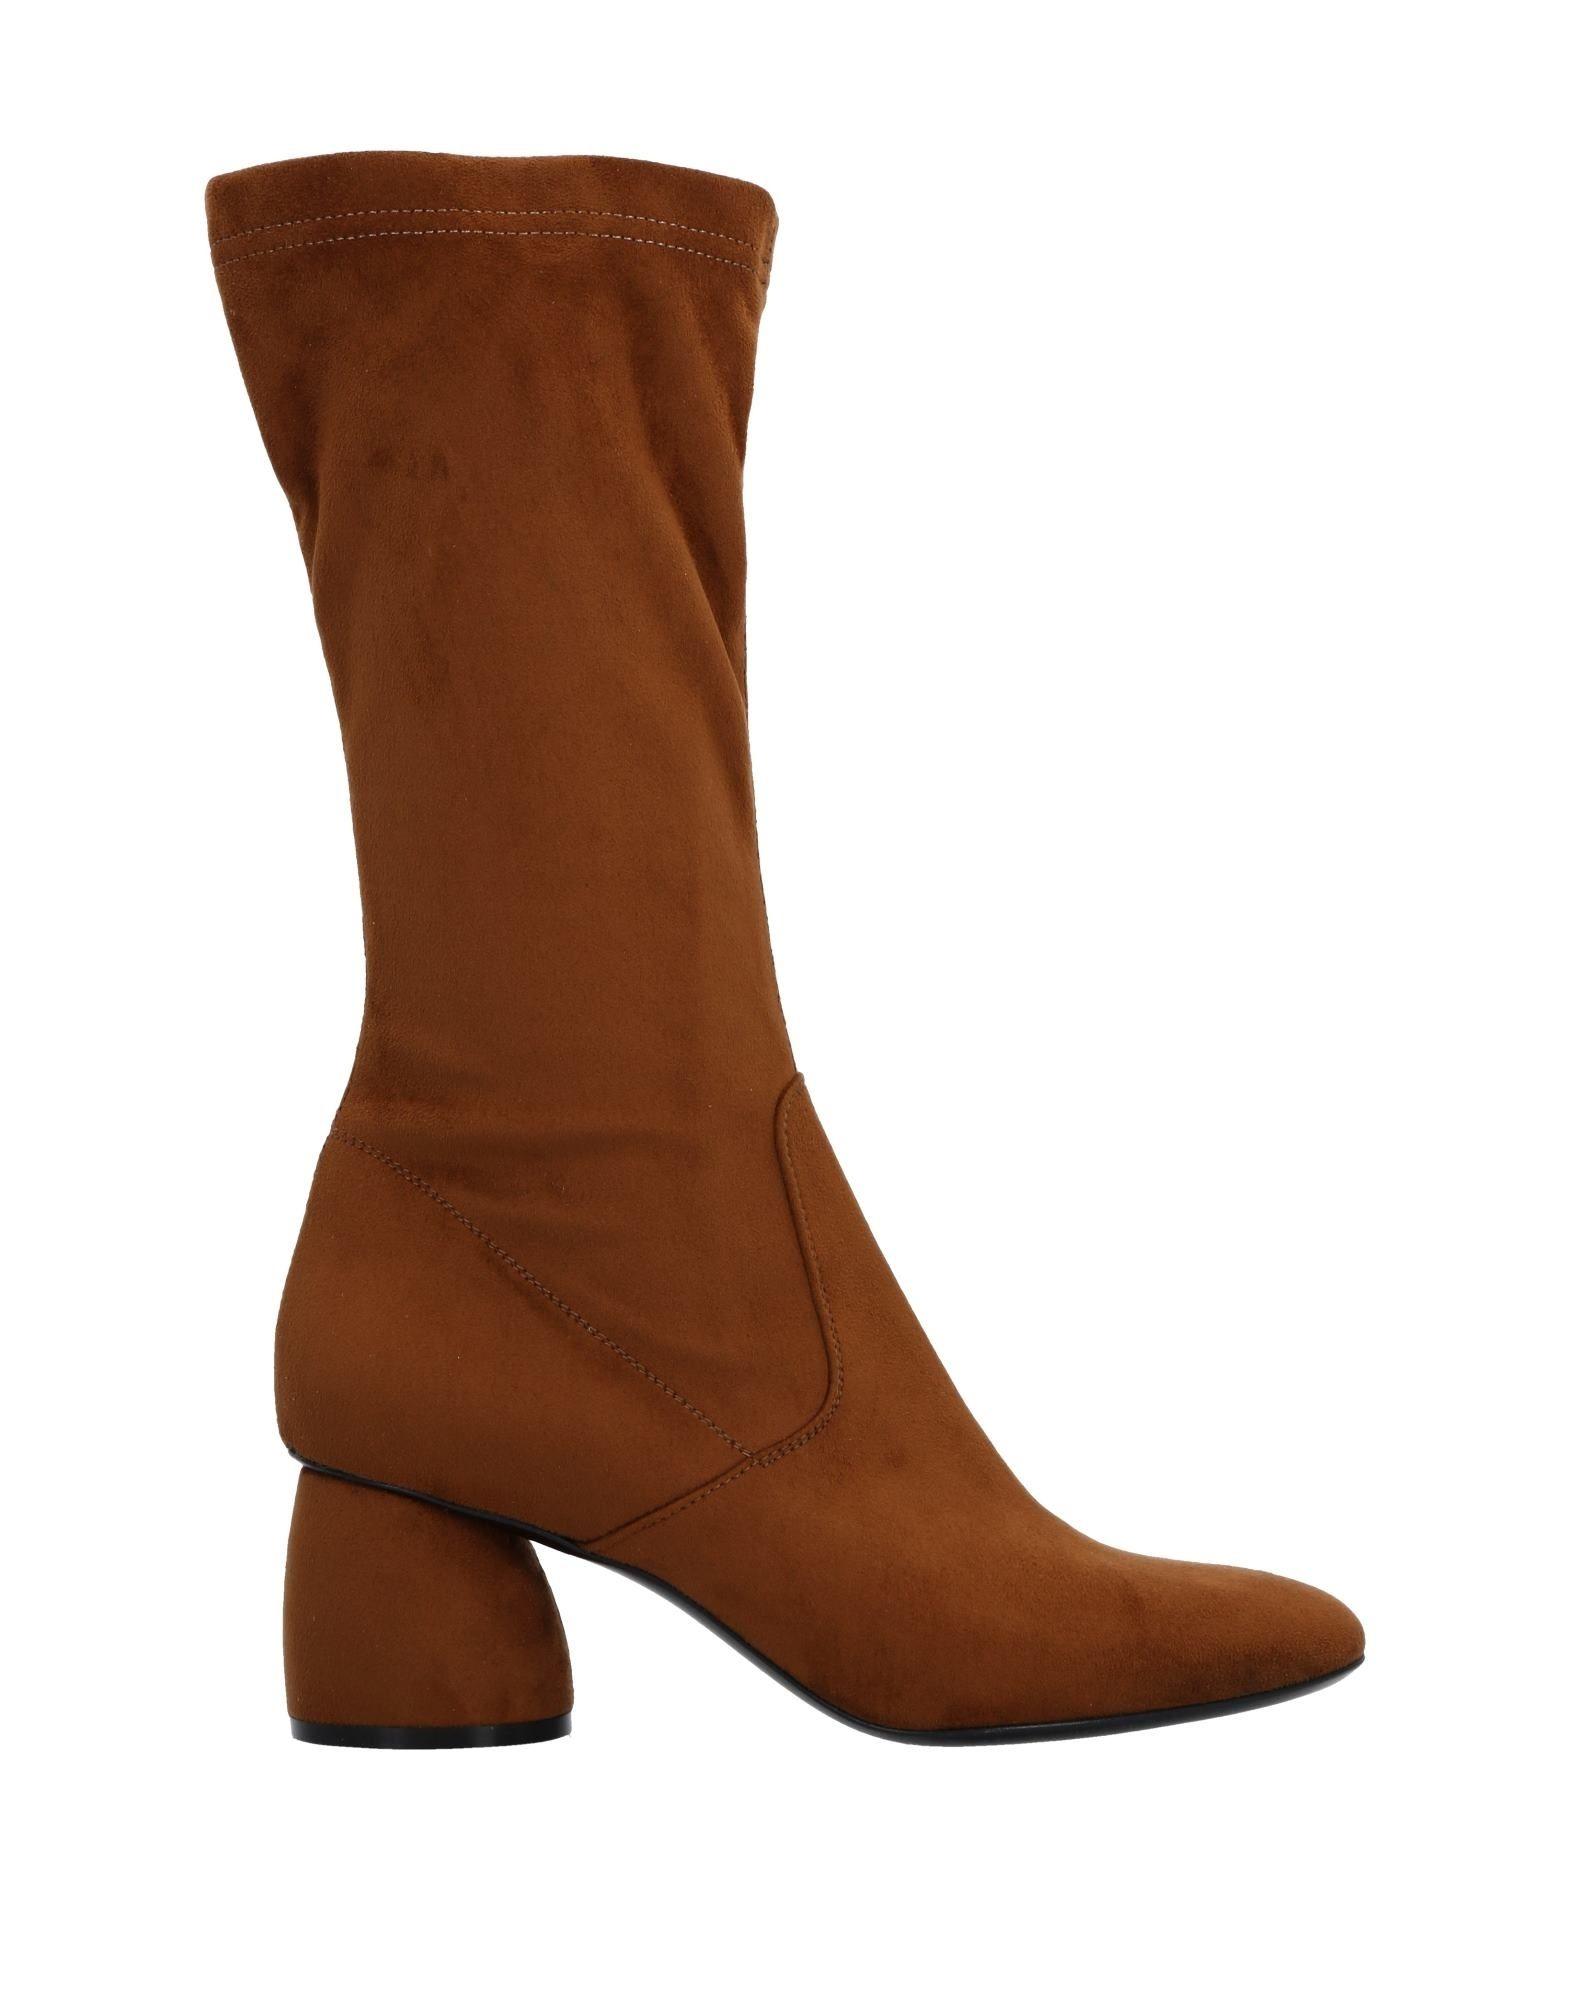 Strategia Stiefel Damen  11532987SMGut aussehende strapazierfähige Schuhe